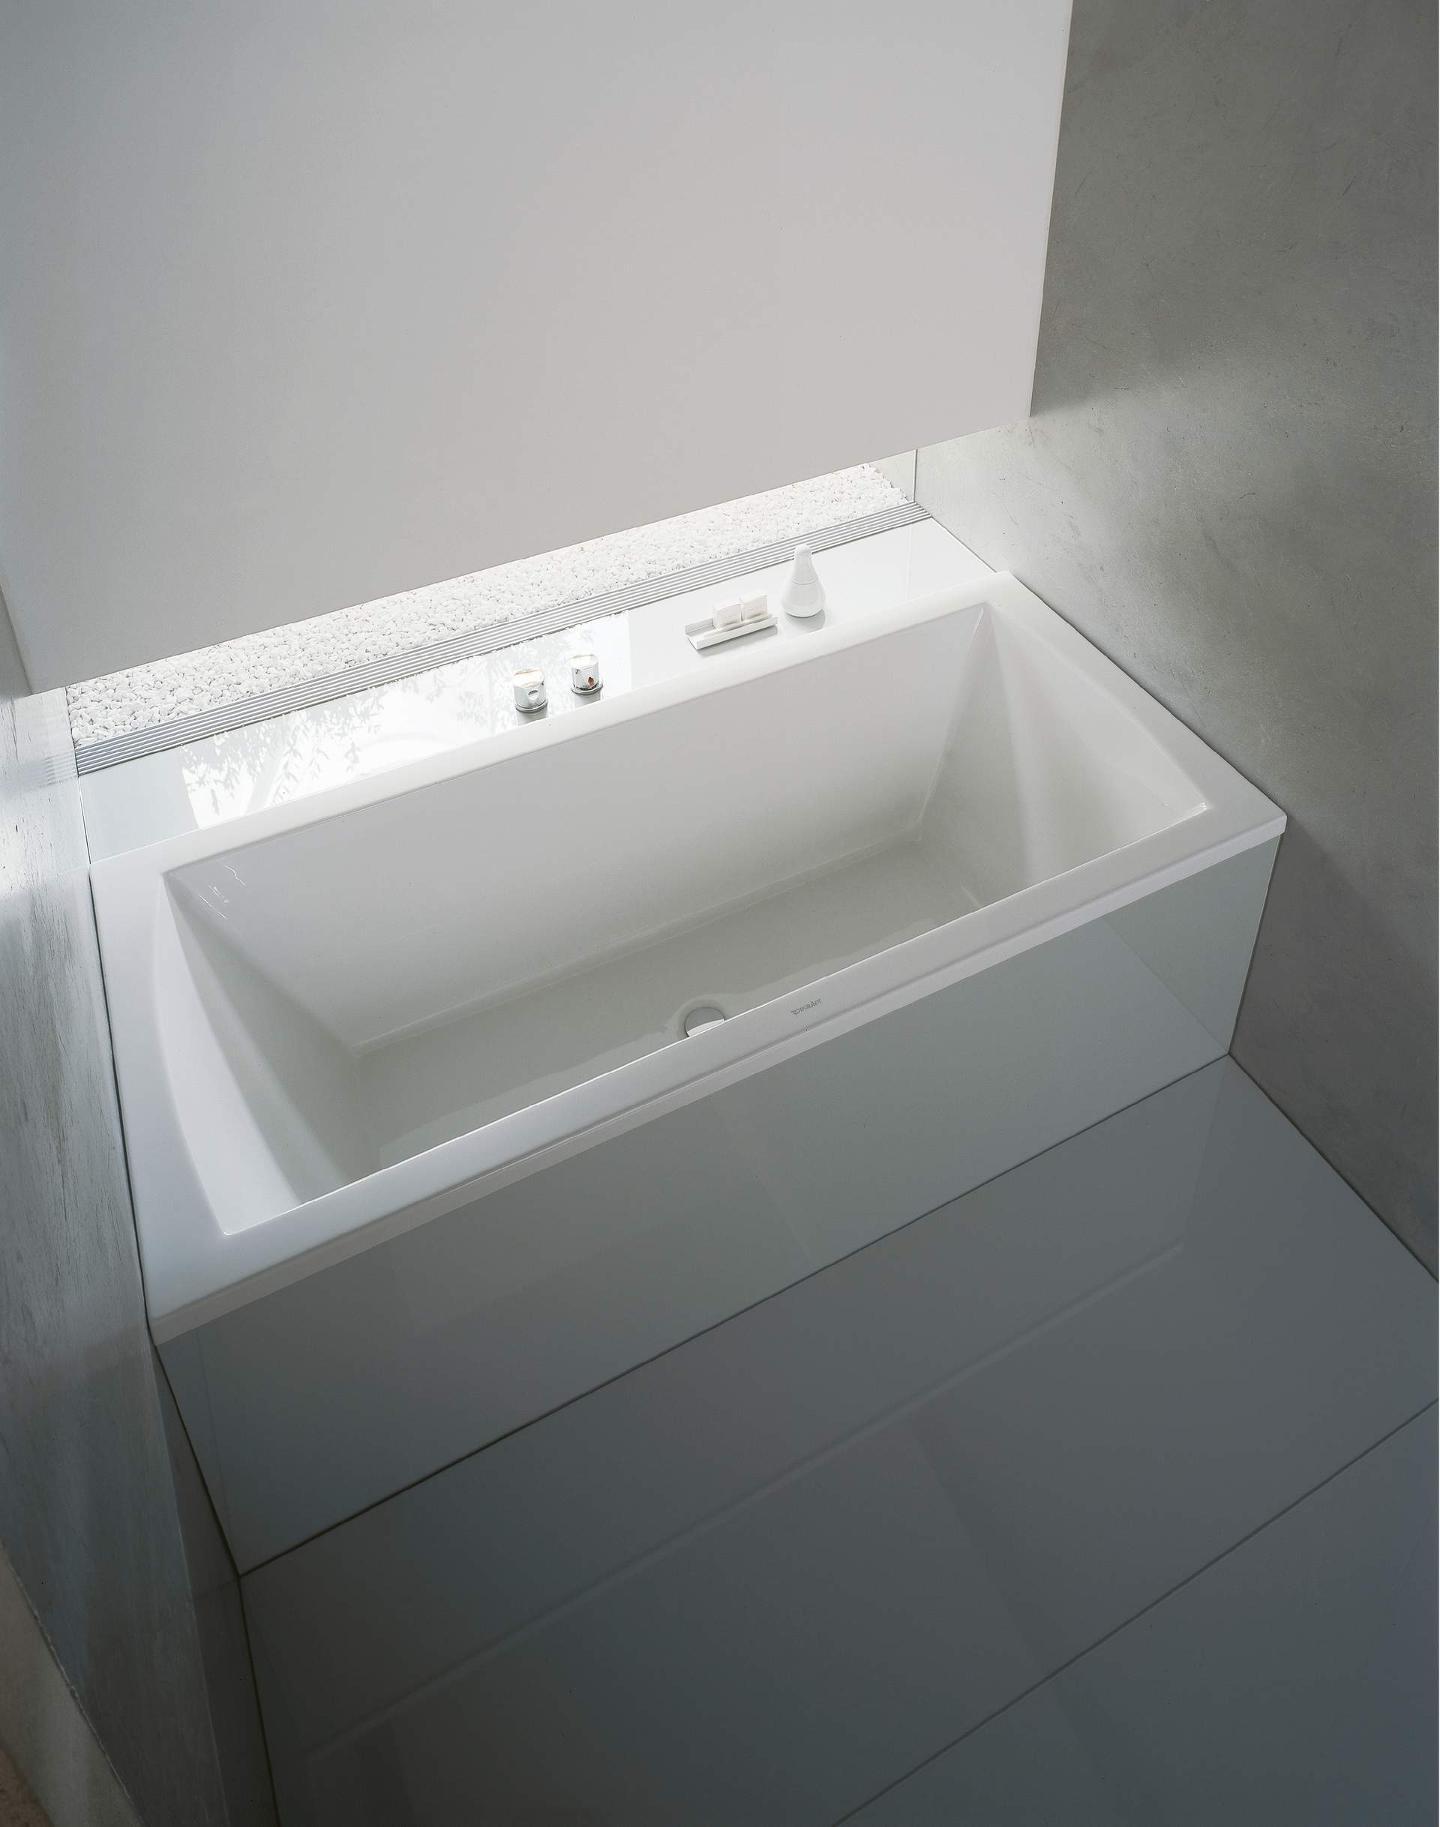 Plafond Salle De Bain Placo Hydrofuge ~ S Ries De Salles De Bains Design Duravit Vero Starck Durastyle